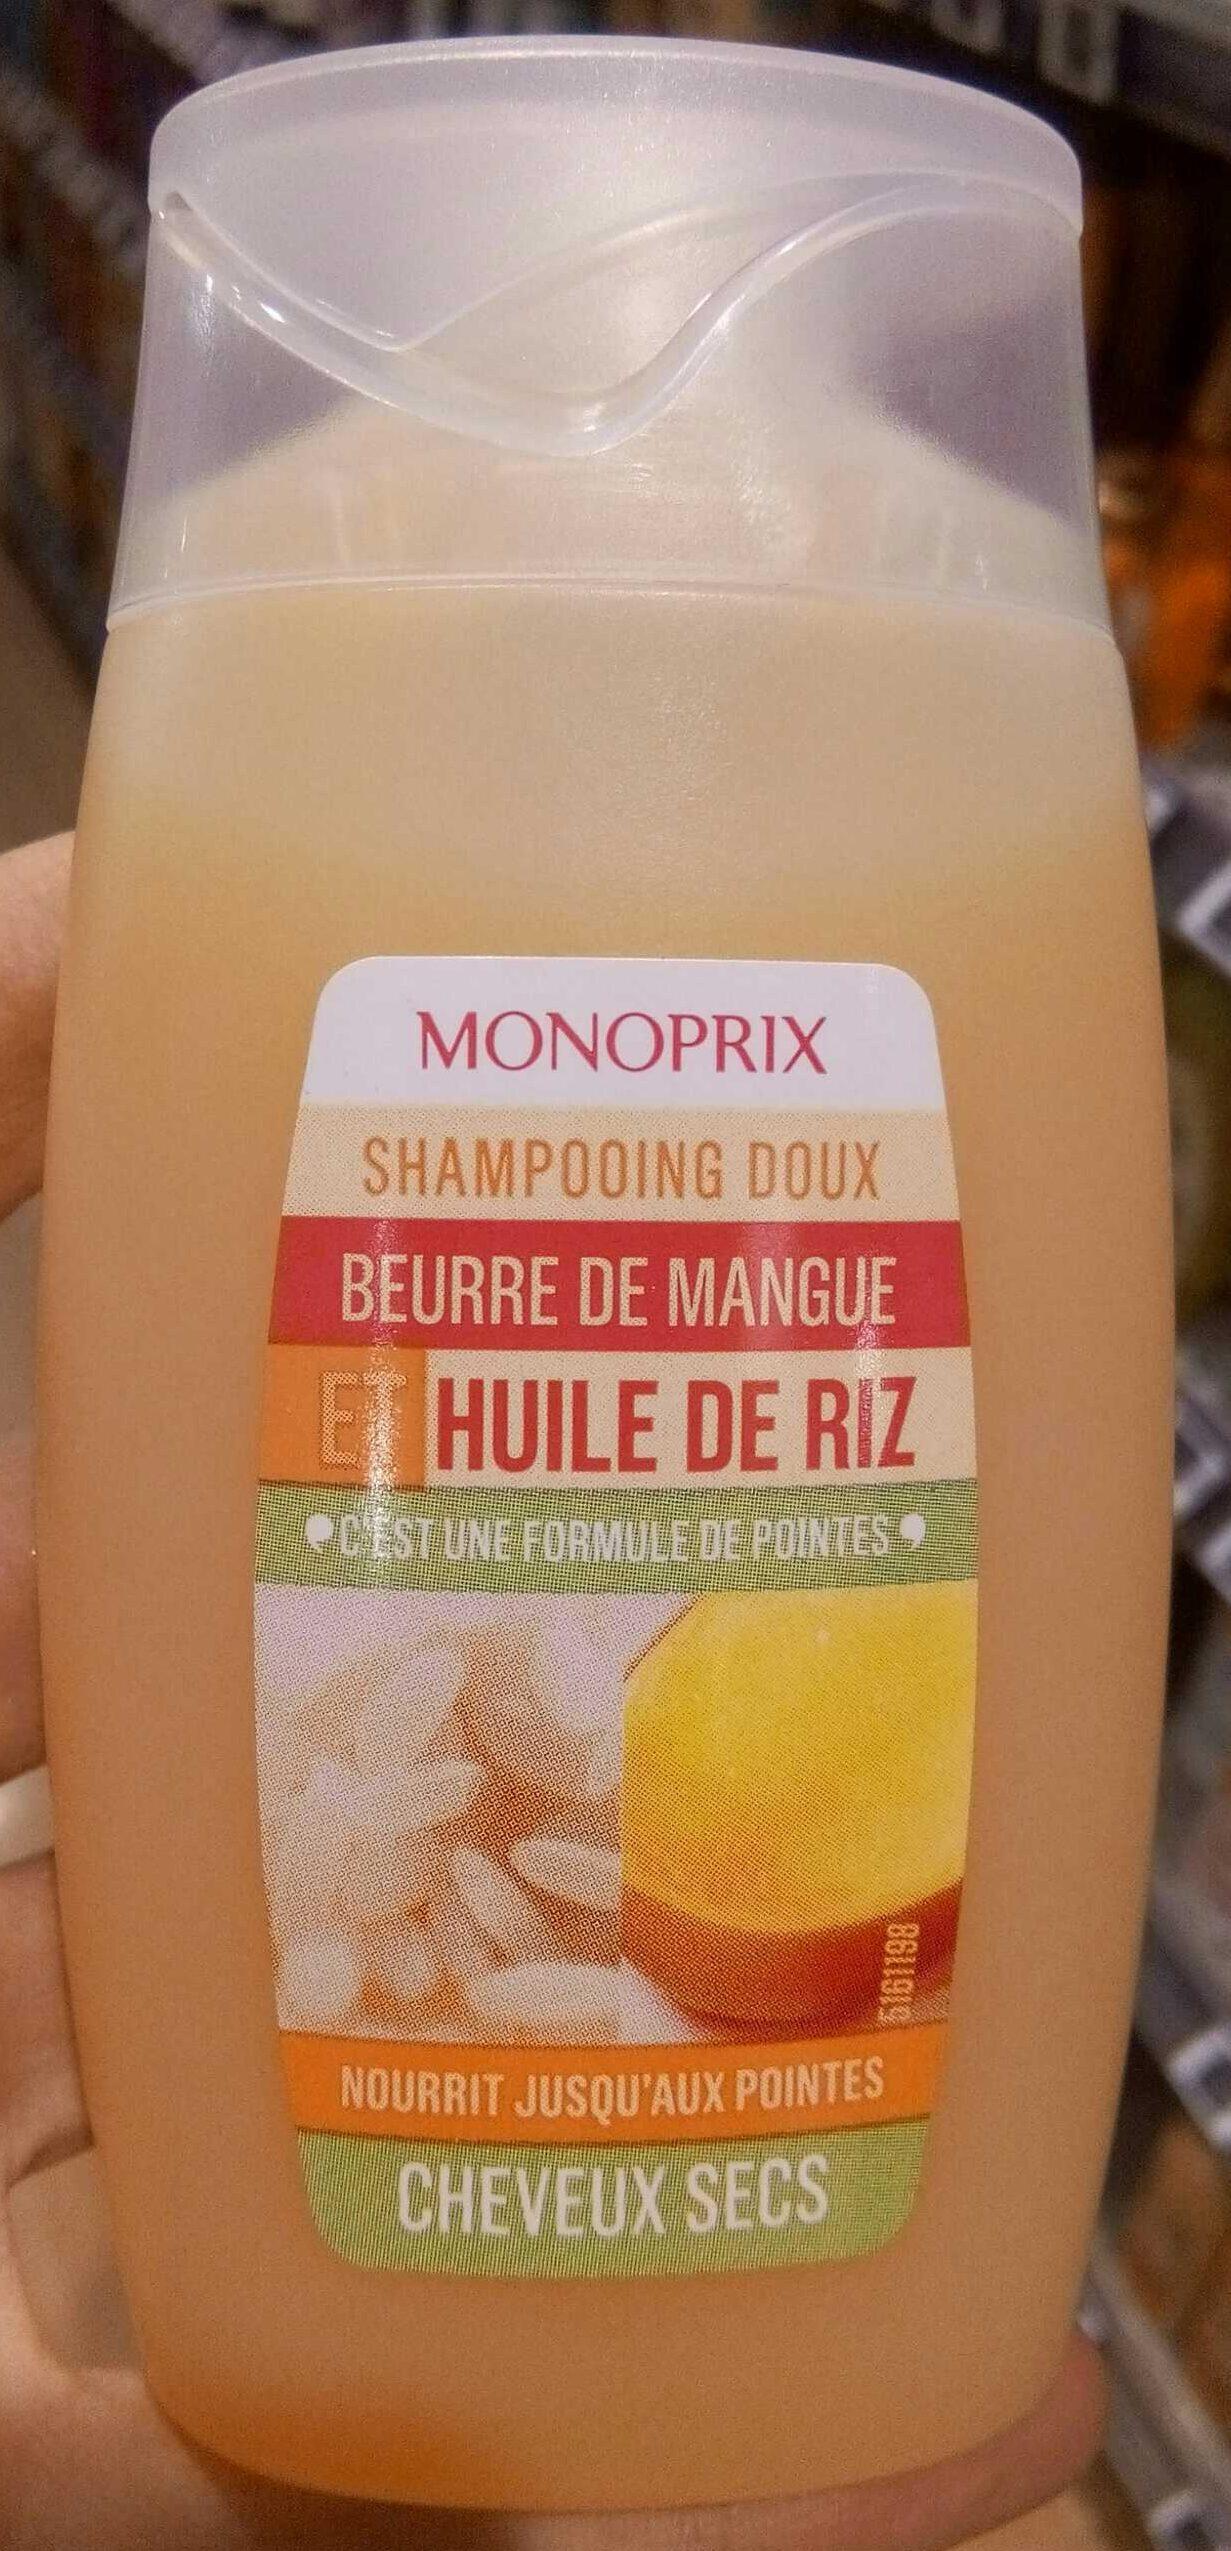 Shampooing doux beurre de mangue et huile de riz - Product